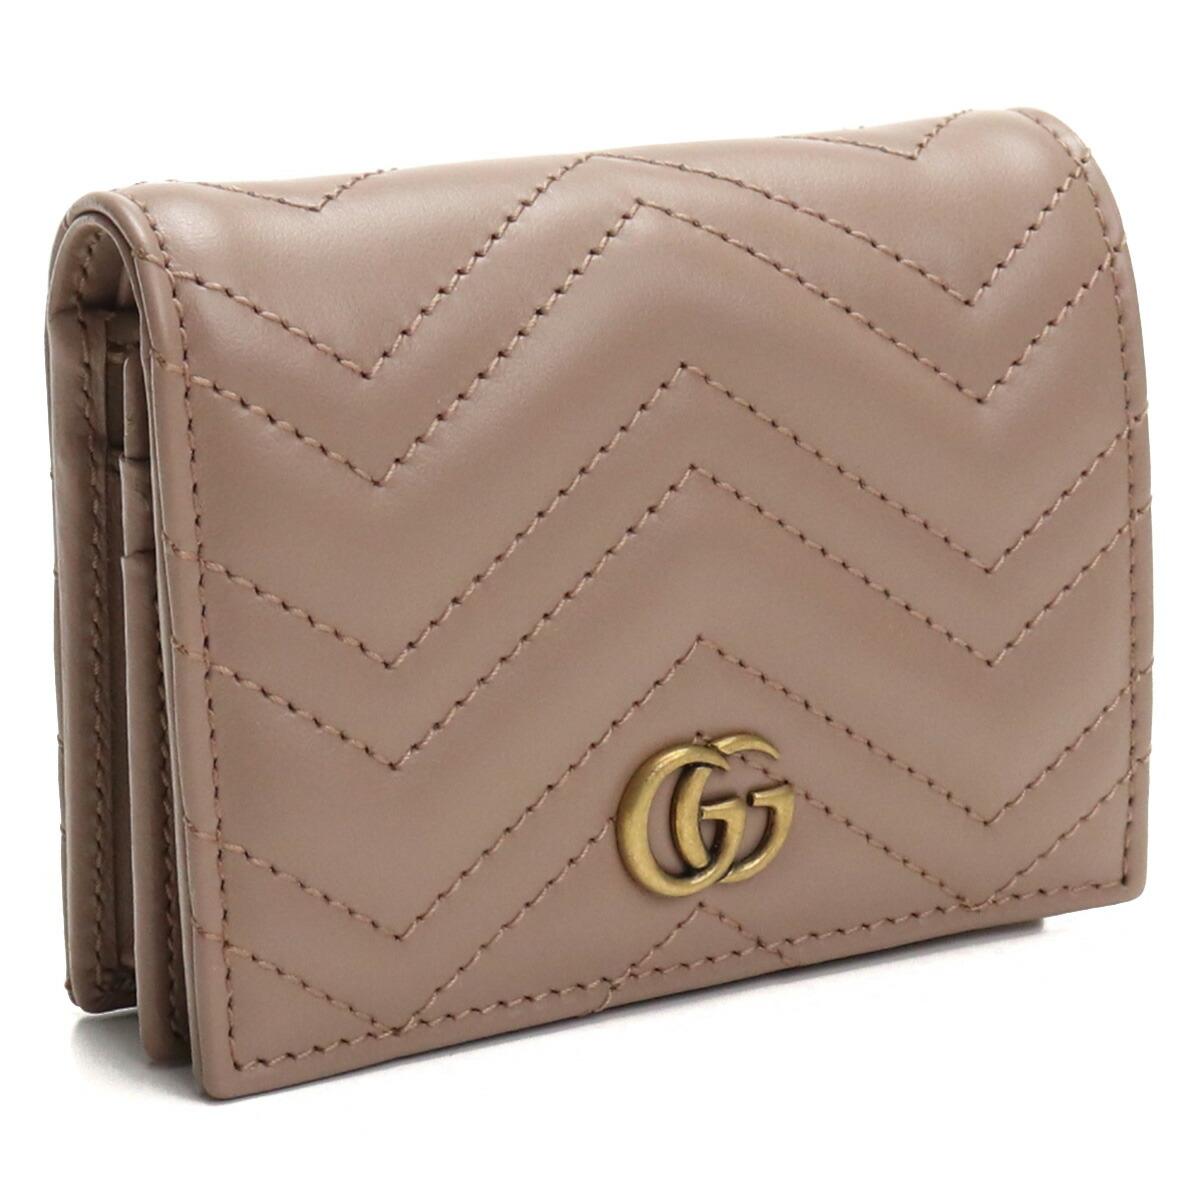 グッチ GUCCI GG MARMONT 2.0 2つ折り財布 ブランド財布 ミニ財布 コンパクト財布 466492 DTD1T 5729 ベージュ系 gsw-2